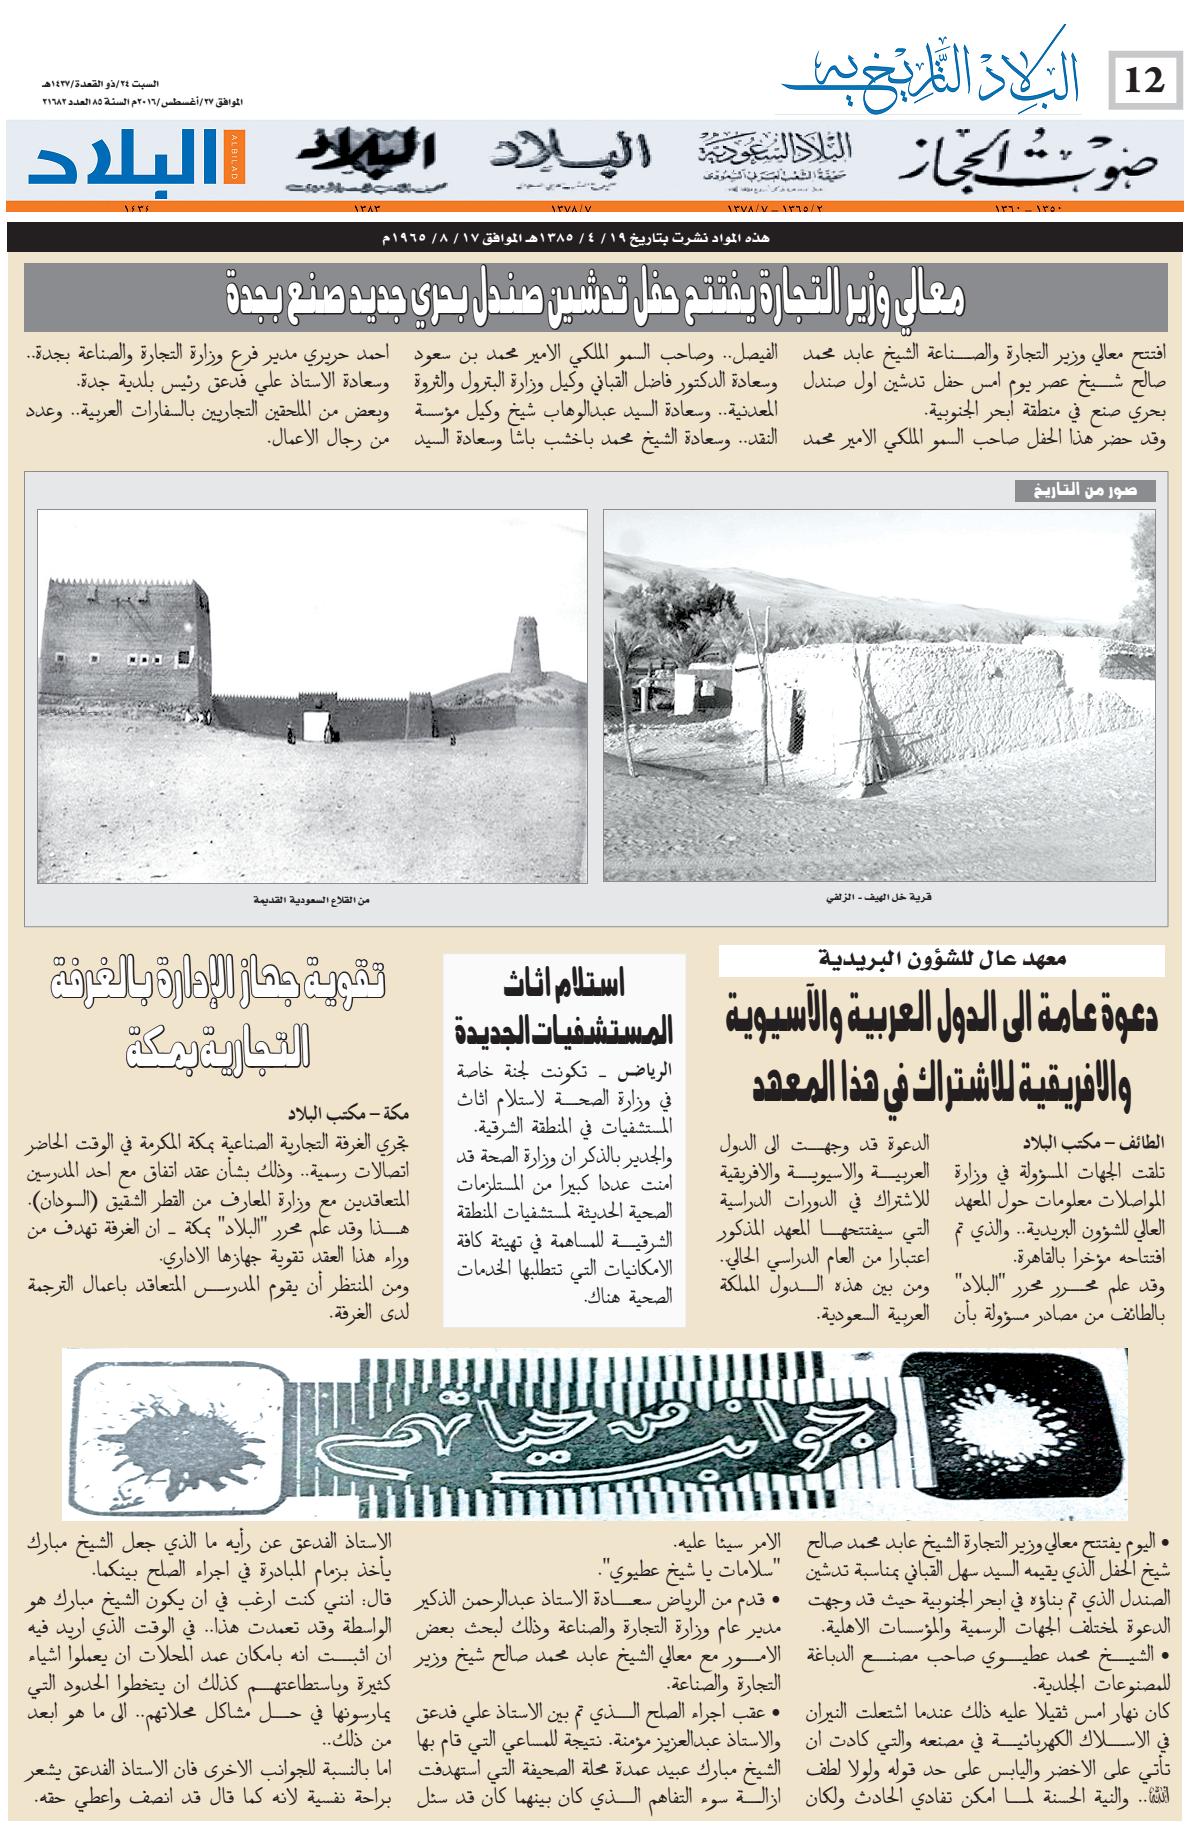 صحيفة البلاد السعودية البلاد زمان حدث في مثل هذا اليوم 19 04 1835 17 08 1965 Obi Asl Art